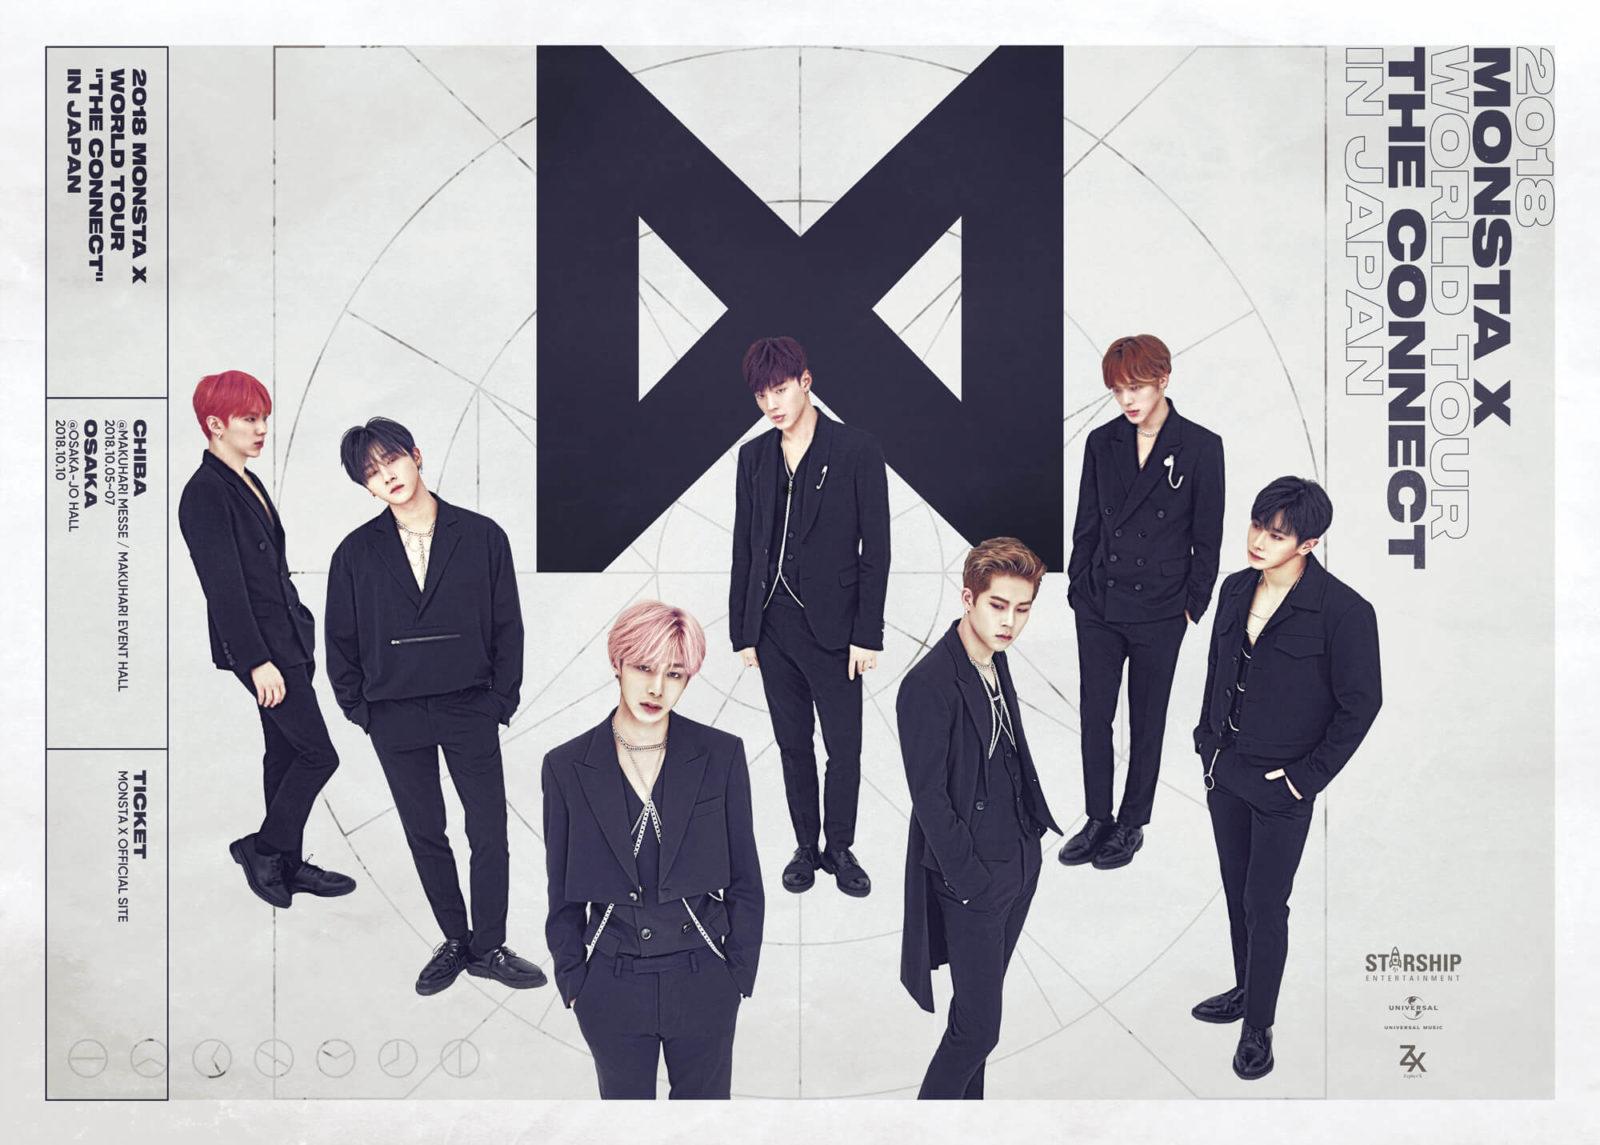 """韓国7人組 ボーイズグループ、MONSTA X「2018 MONSTA X WORLD TOUR """"THE CONNECT"""" IN JAPAN」初の日本開催決定サムネイル画像"""